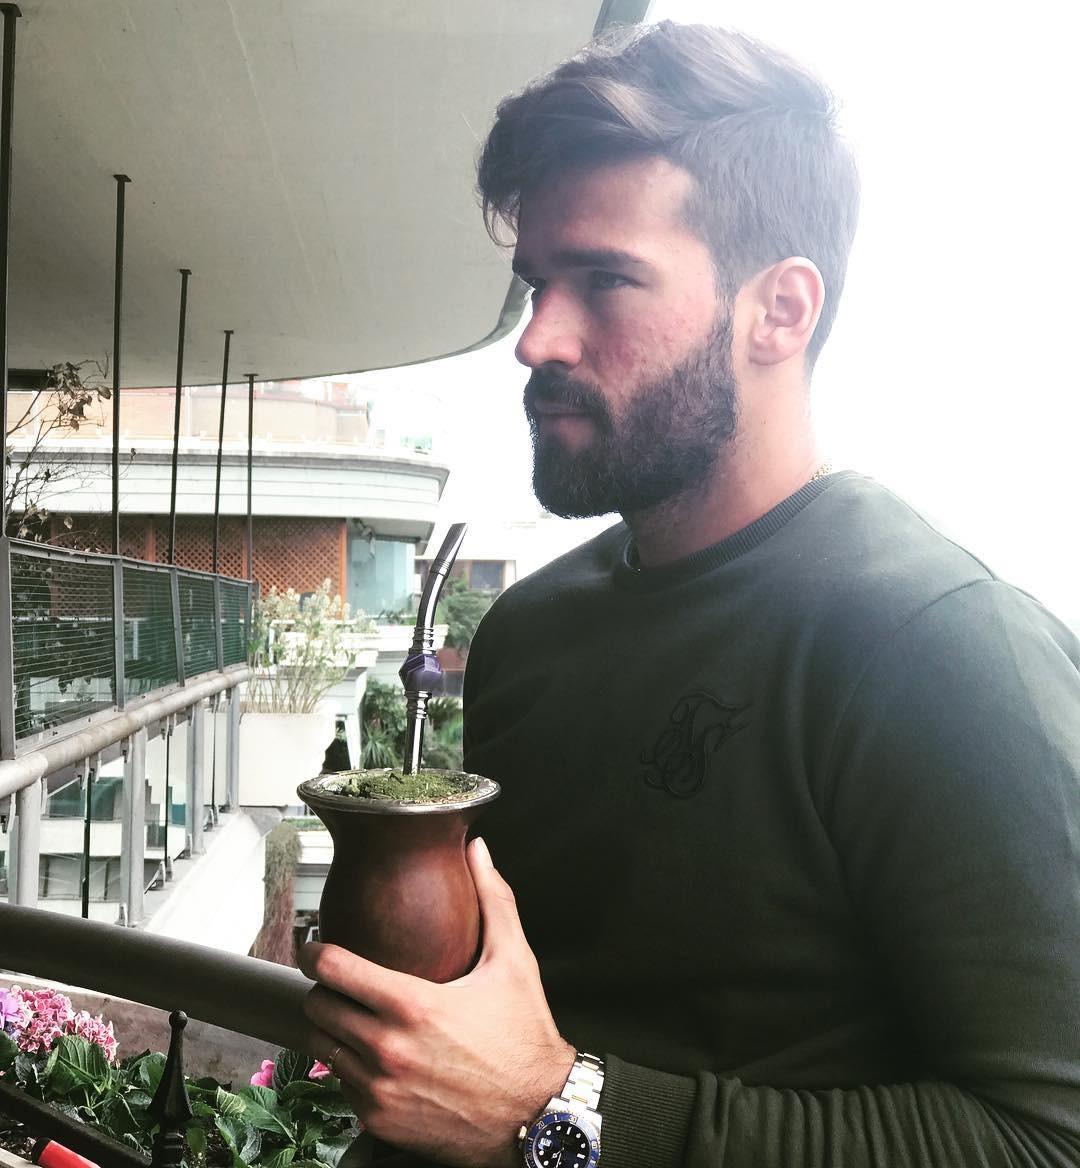 Alisson Becker, goleiro da Seleção Brasileira (Foto: Reprodução / Instagram)